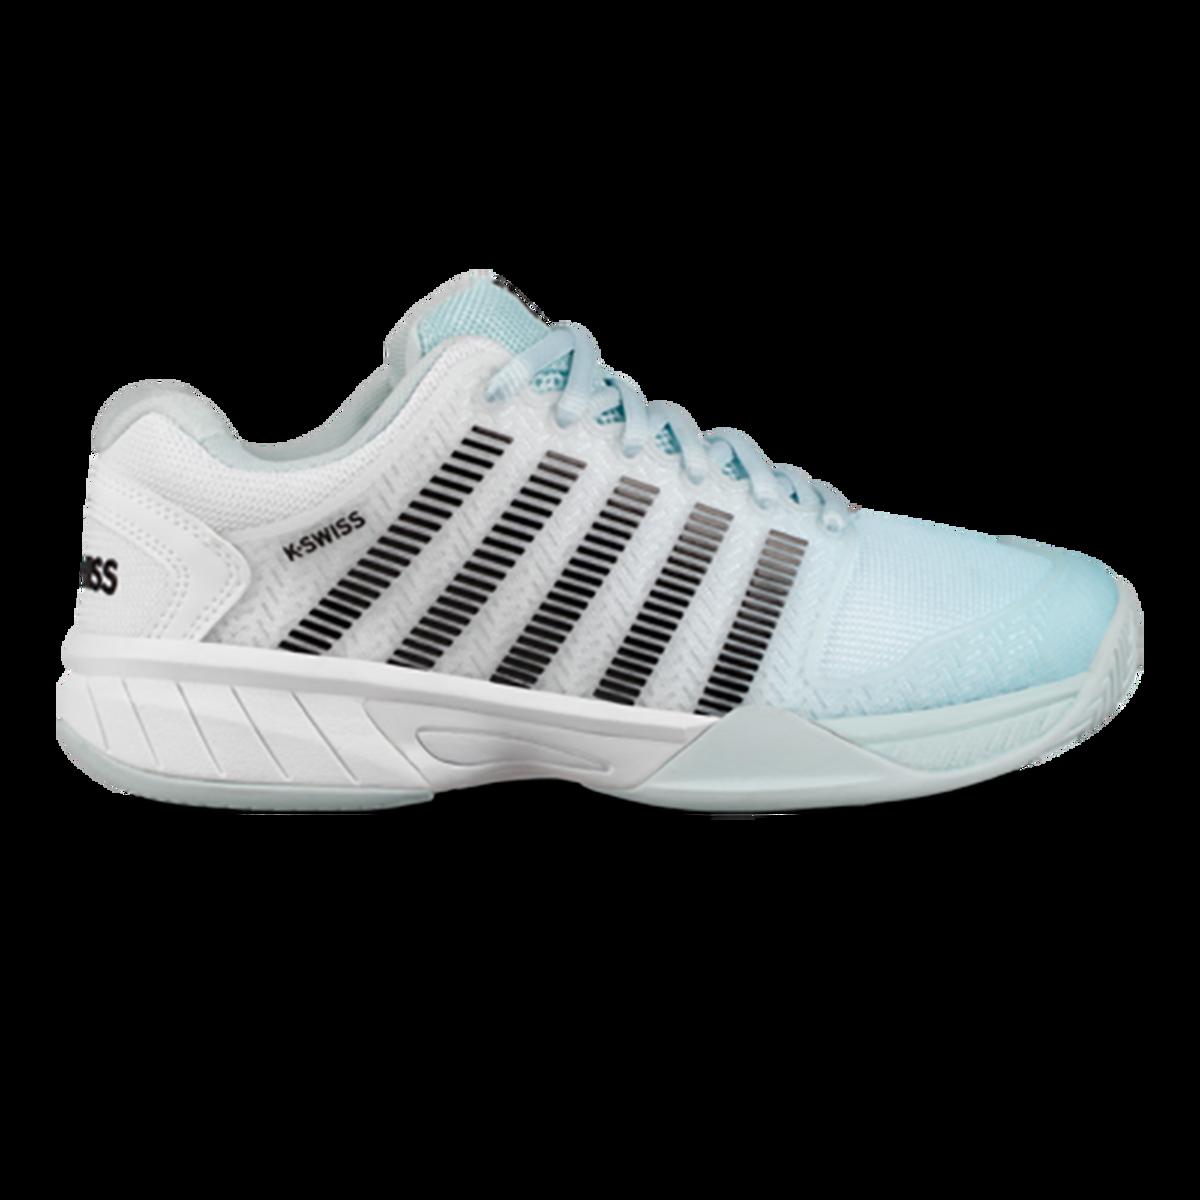 5fd2dd9c2a9a1 Hypercourt Express Junior Tennis Shoe - Light Blue/White